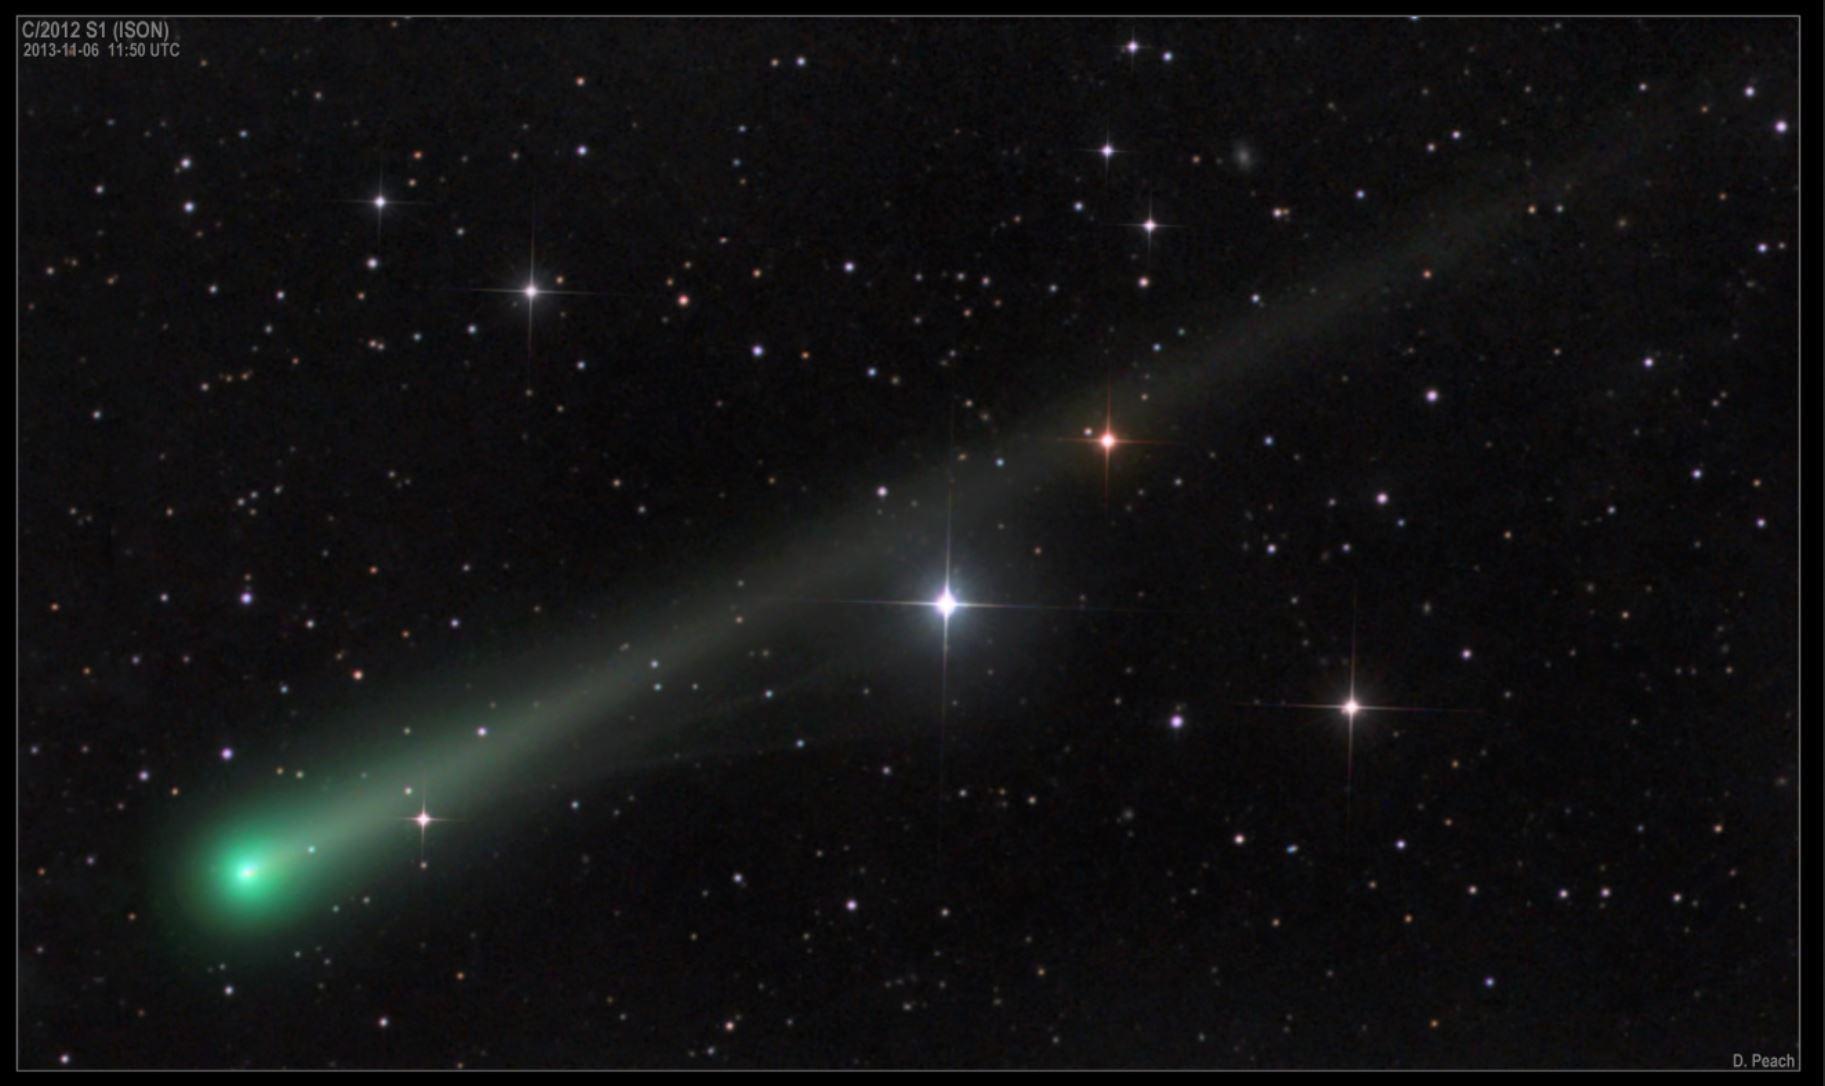 Cometa Ison: fotografia che immortala la cometa in buone condizioni di salute il 6 Novembre 2013